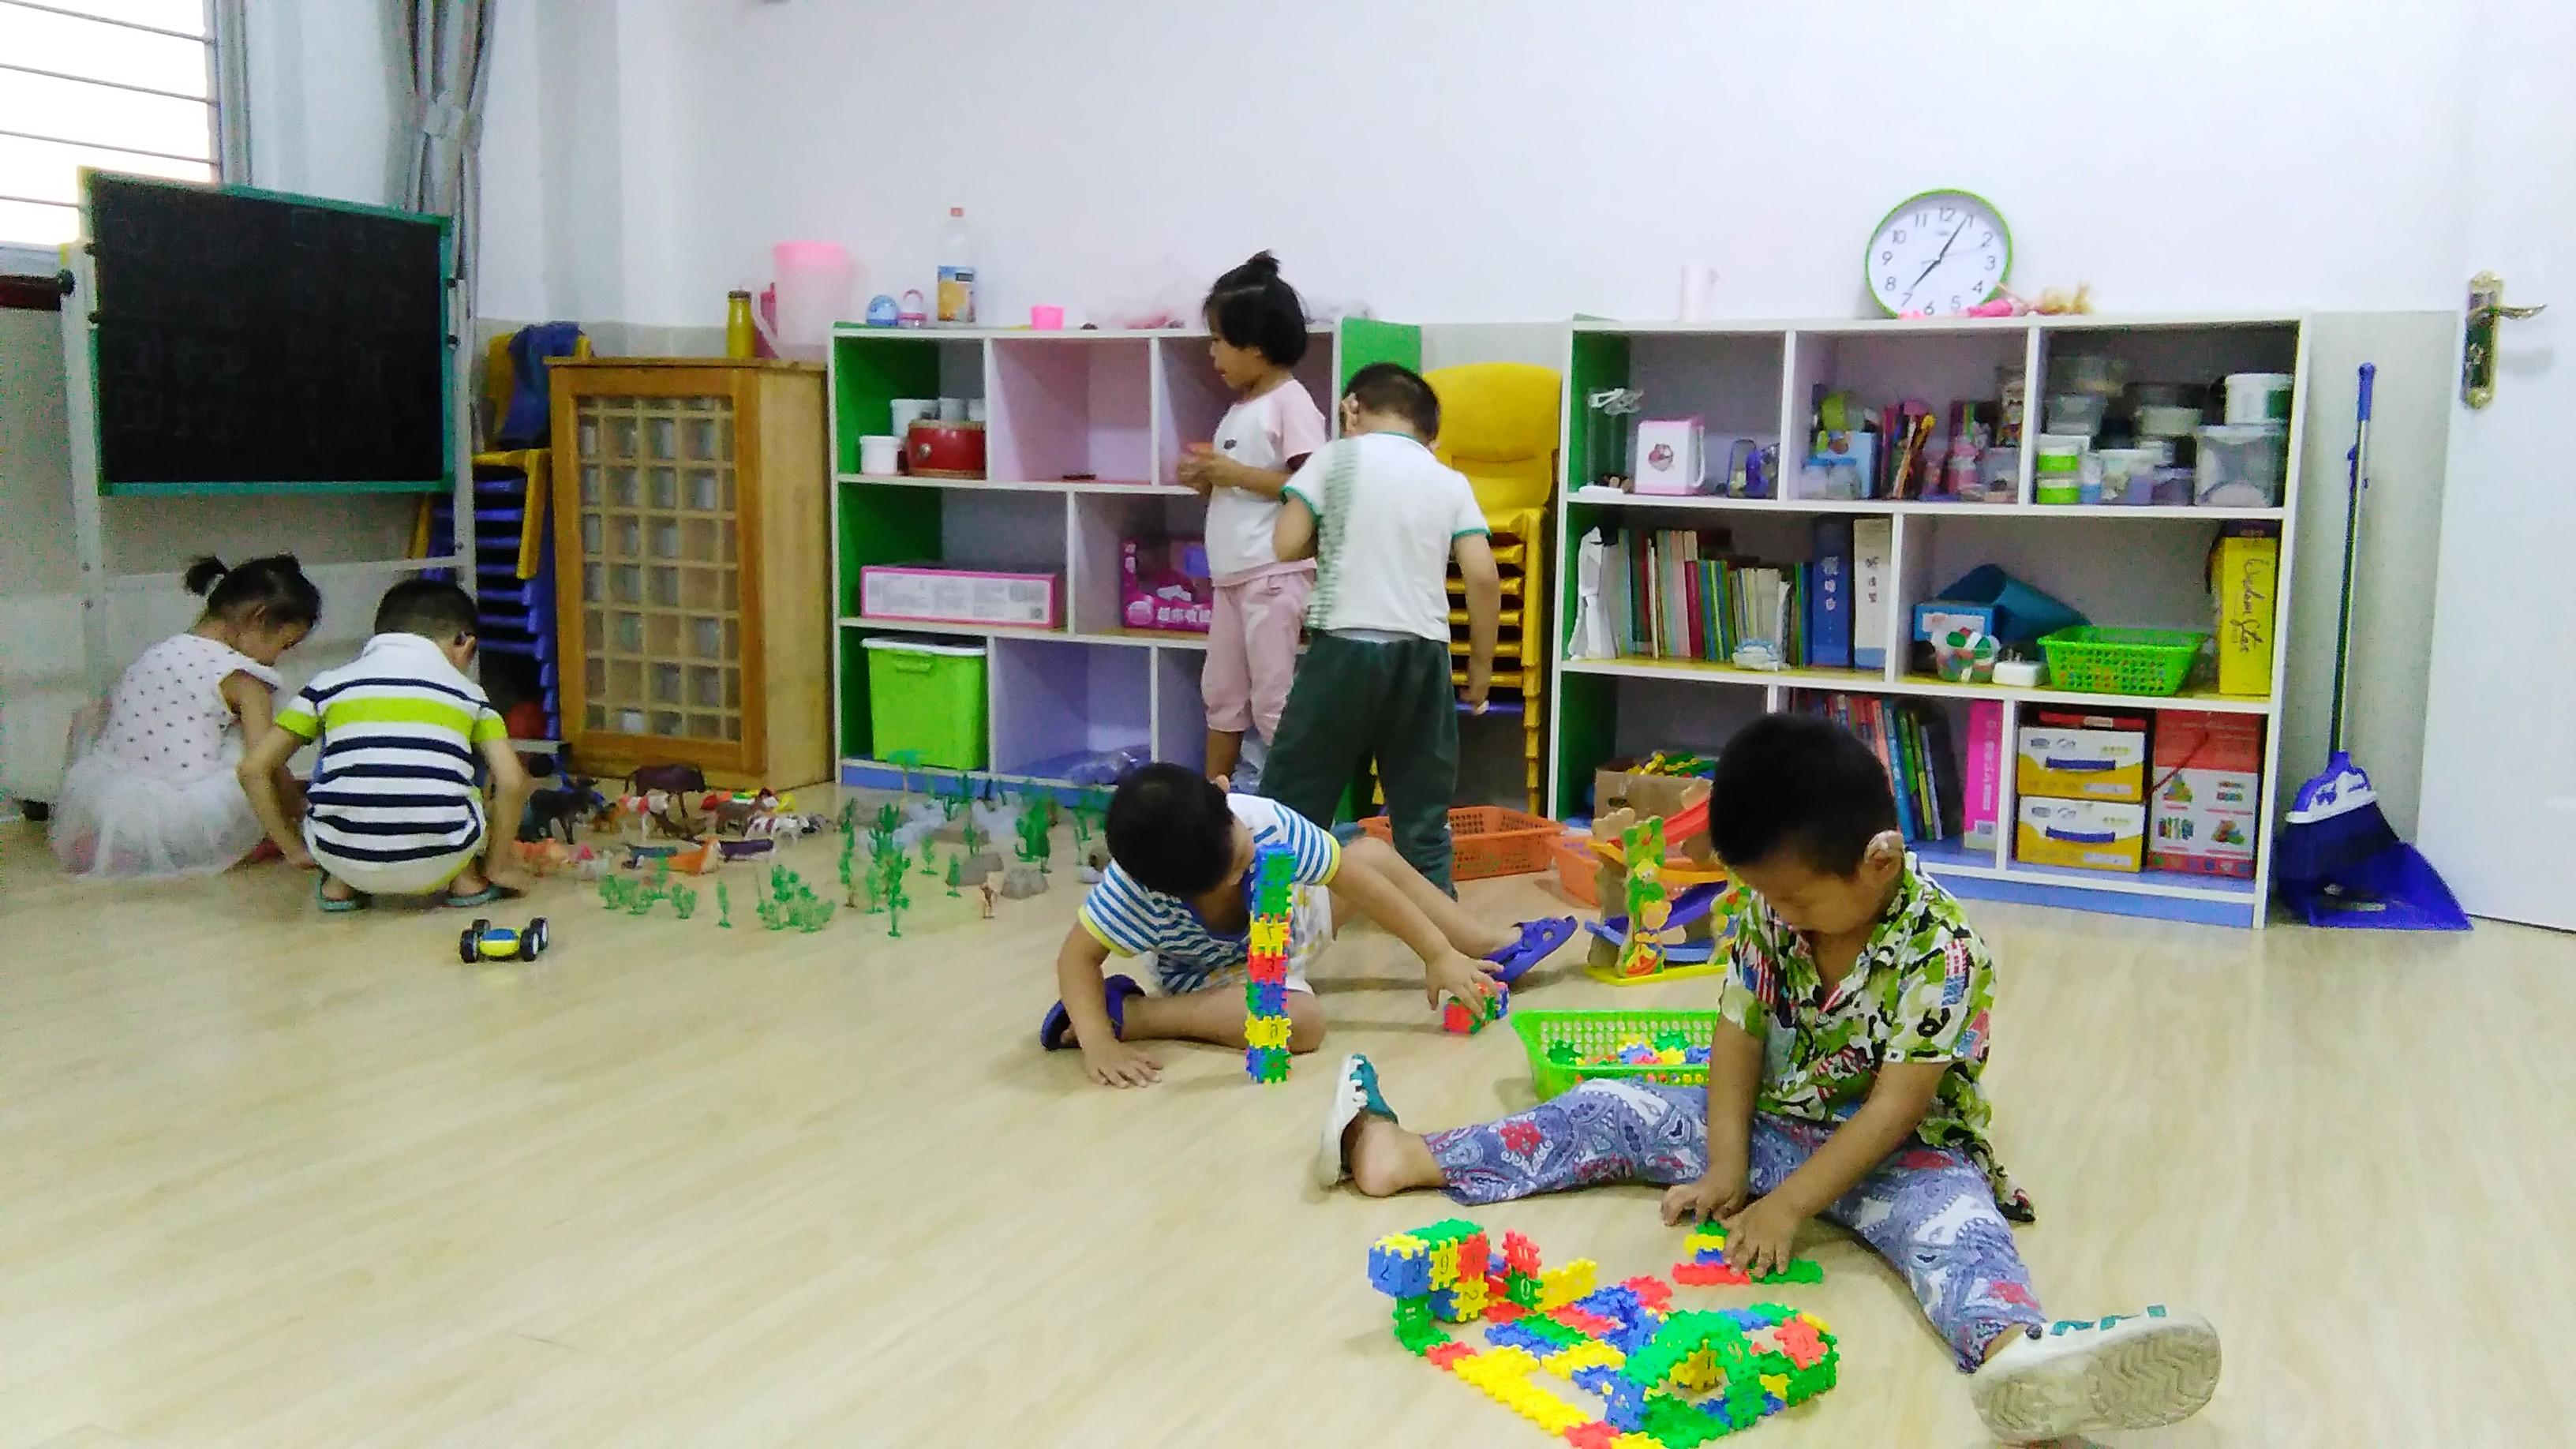 校园环境-集体活动室